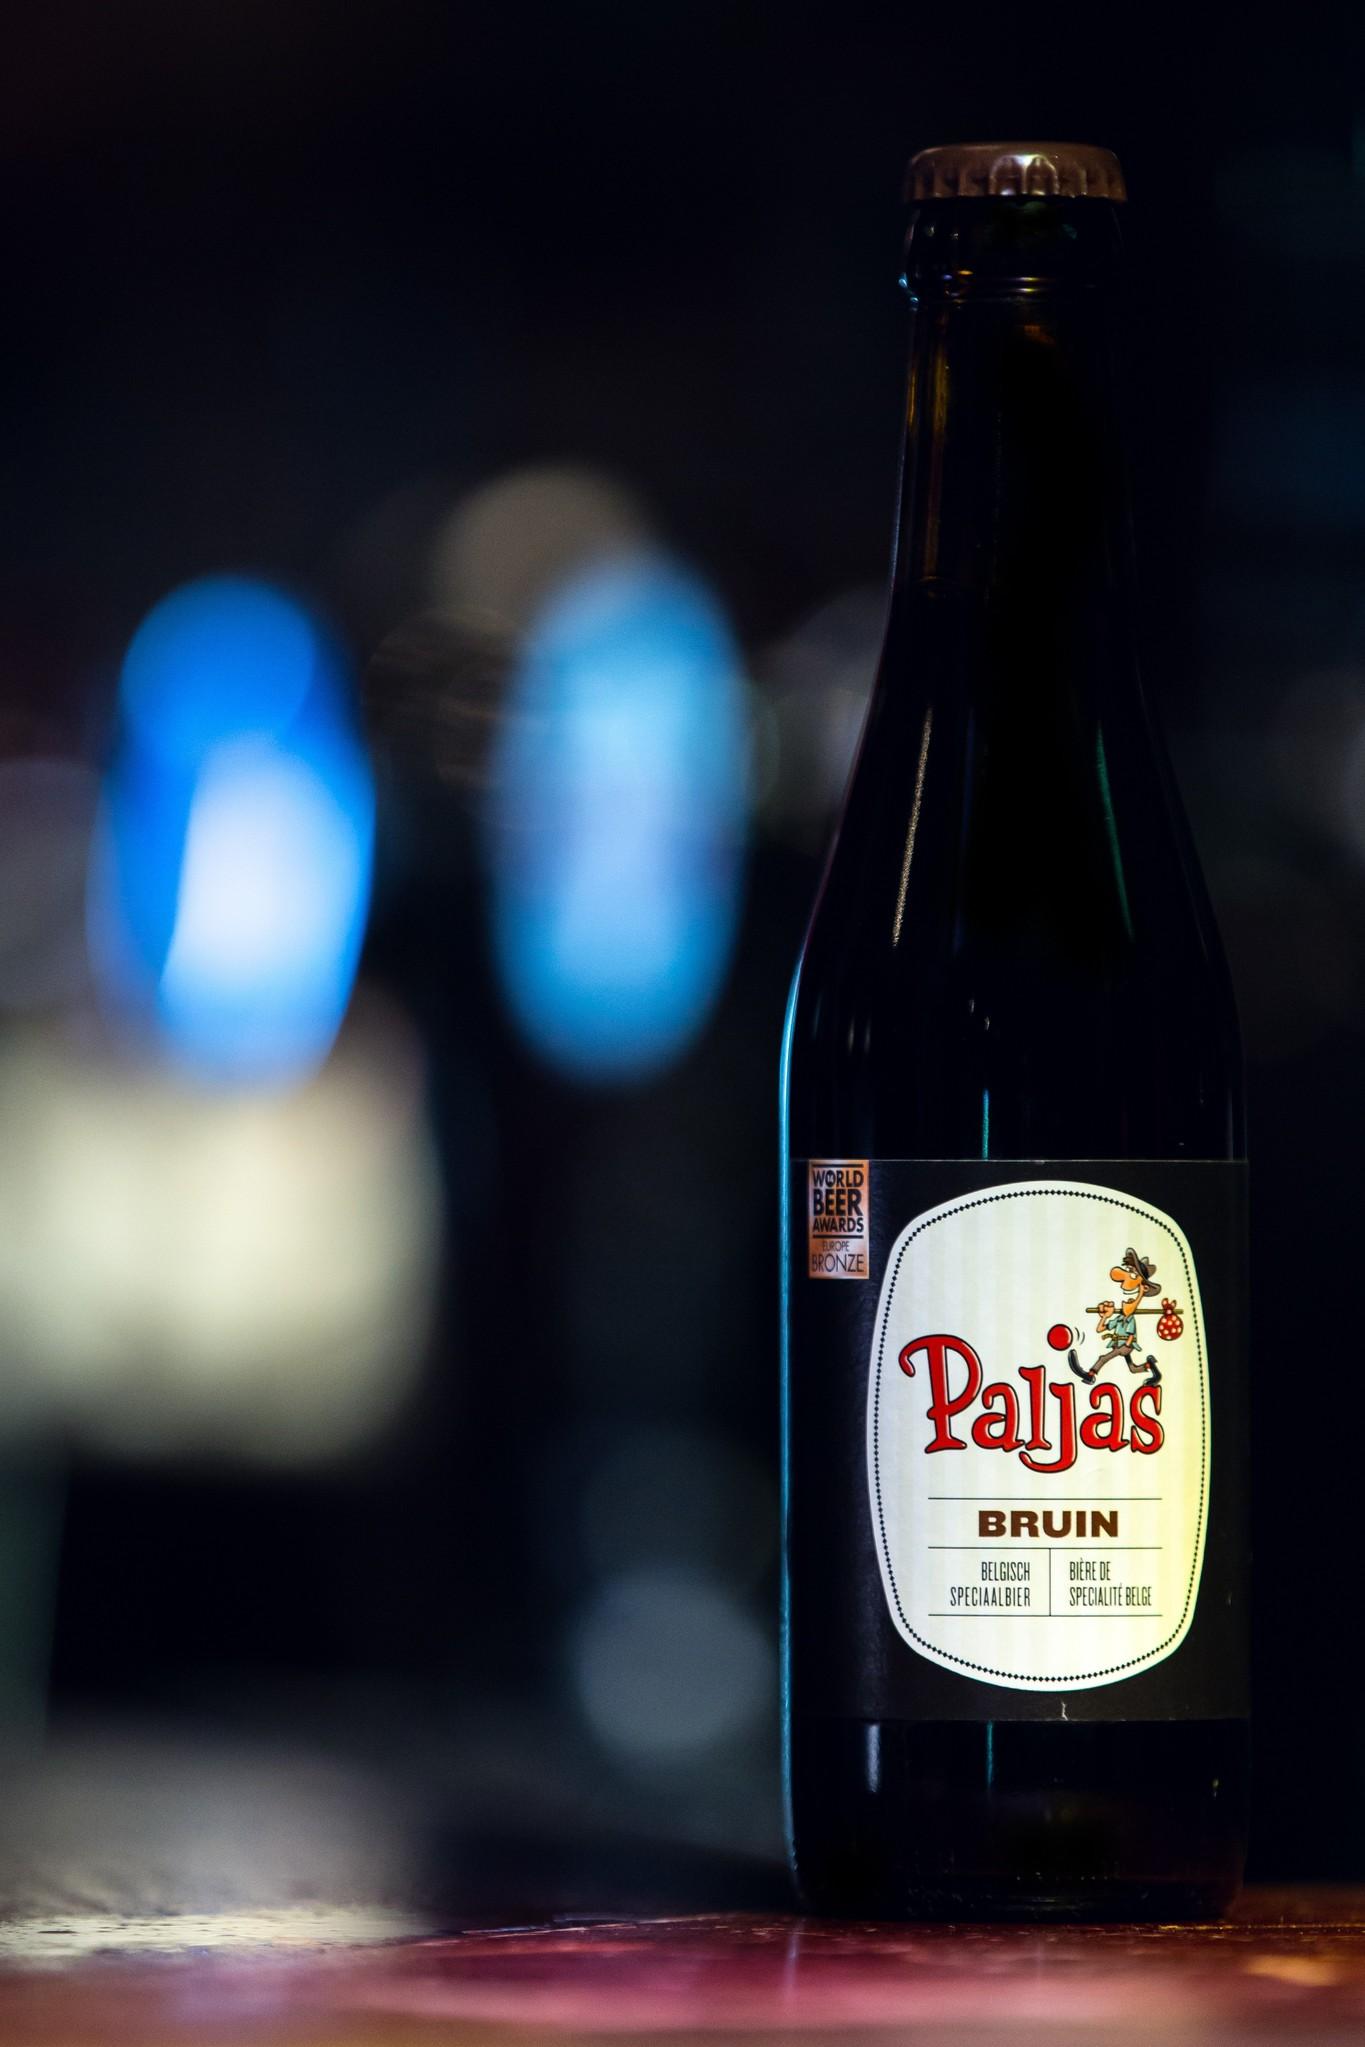 Paljas Bruin Herkomst: Zeebrugge, Bel-gië Bruin speciaalbier wat gebrouwen is met 4 soorten hop. Hierdoor heeft het bier een rijke smaak. Dit bier is gebrouwen door brouwerij Henricus in Zeebrugge. Bij het proe-ven van het bier ontdek je de smaken van salmiak en wiebertjes. De kleur wordt be-paald door het karamelliseren van het mout. De mooie intense bruine kleur maakt het biertje compleet. Het bier bevat een alcoholpercentage van: 6%. Advies serveertem-peratuur: 6 á 9 graden.